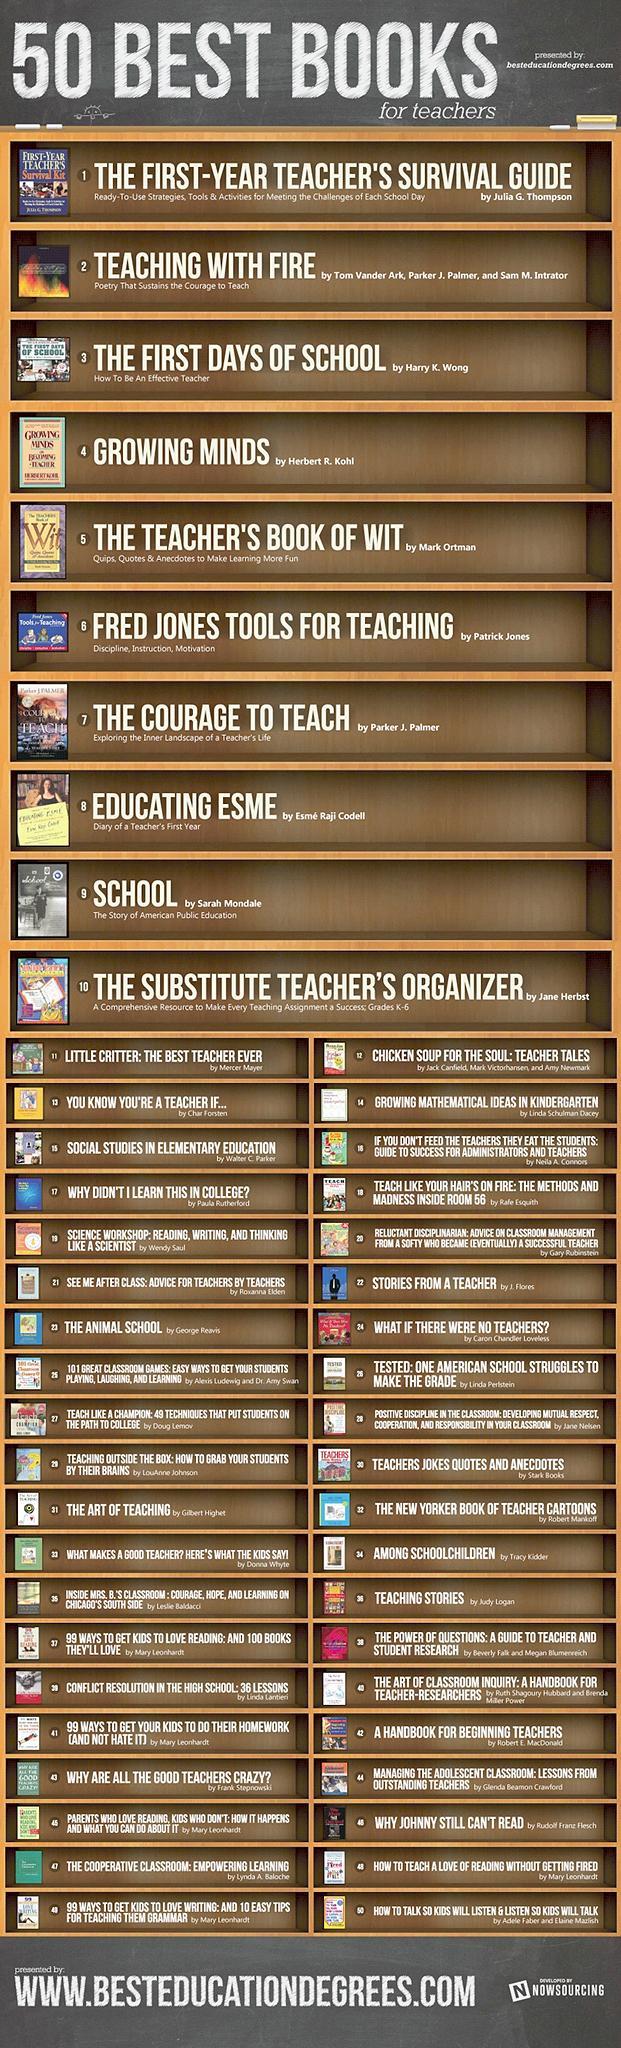 Best-books-for-teachers-infographic